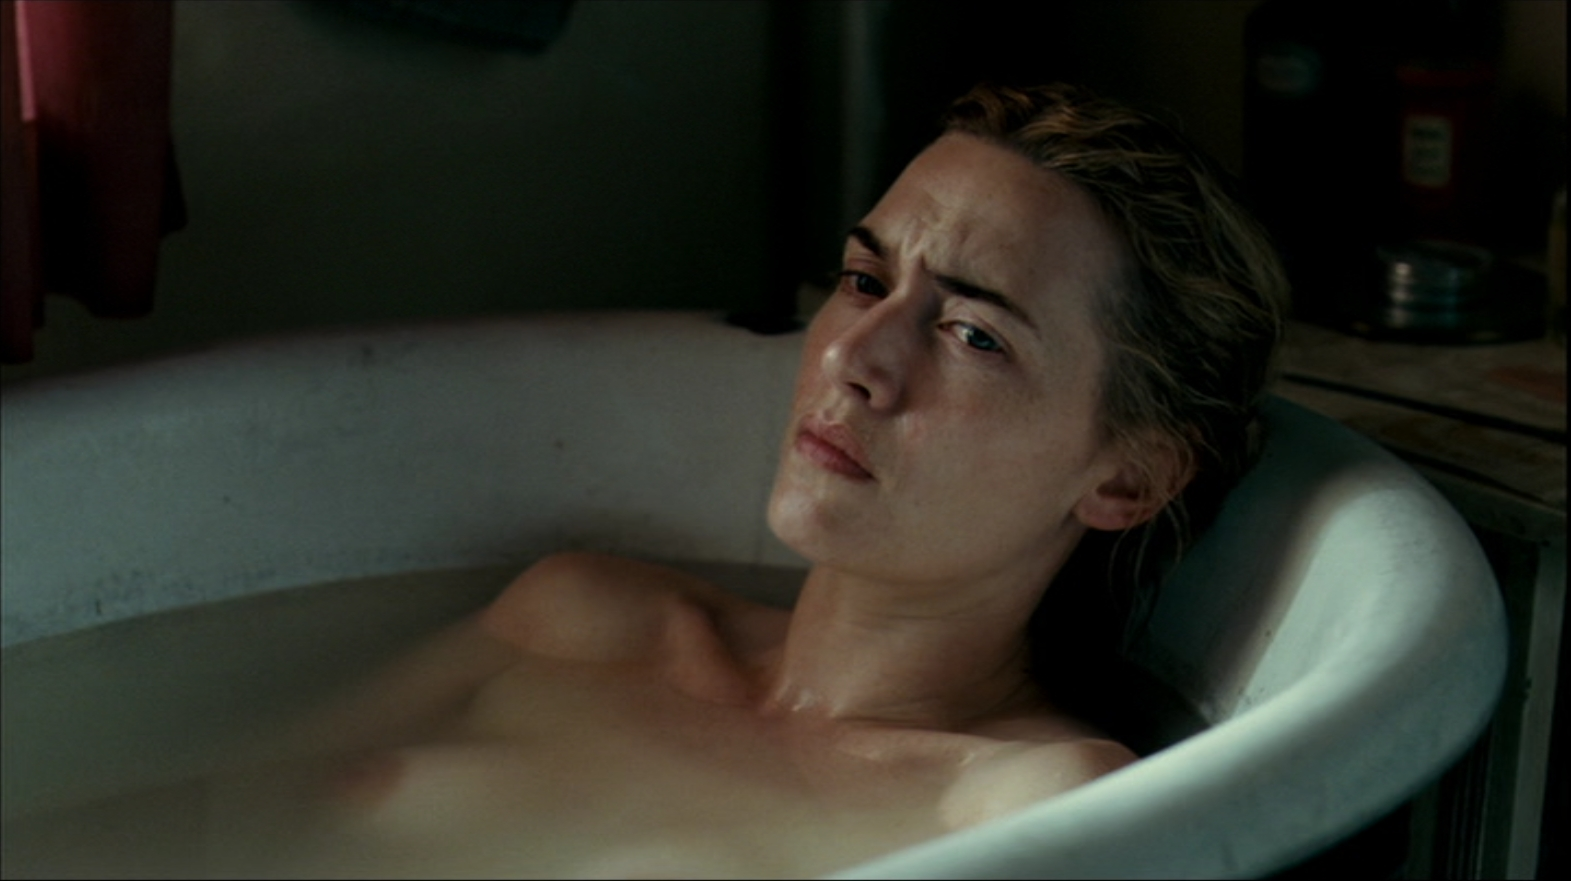 Кейт уинслет постельные сцены